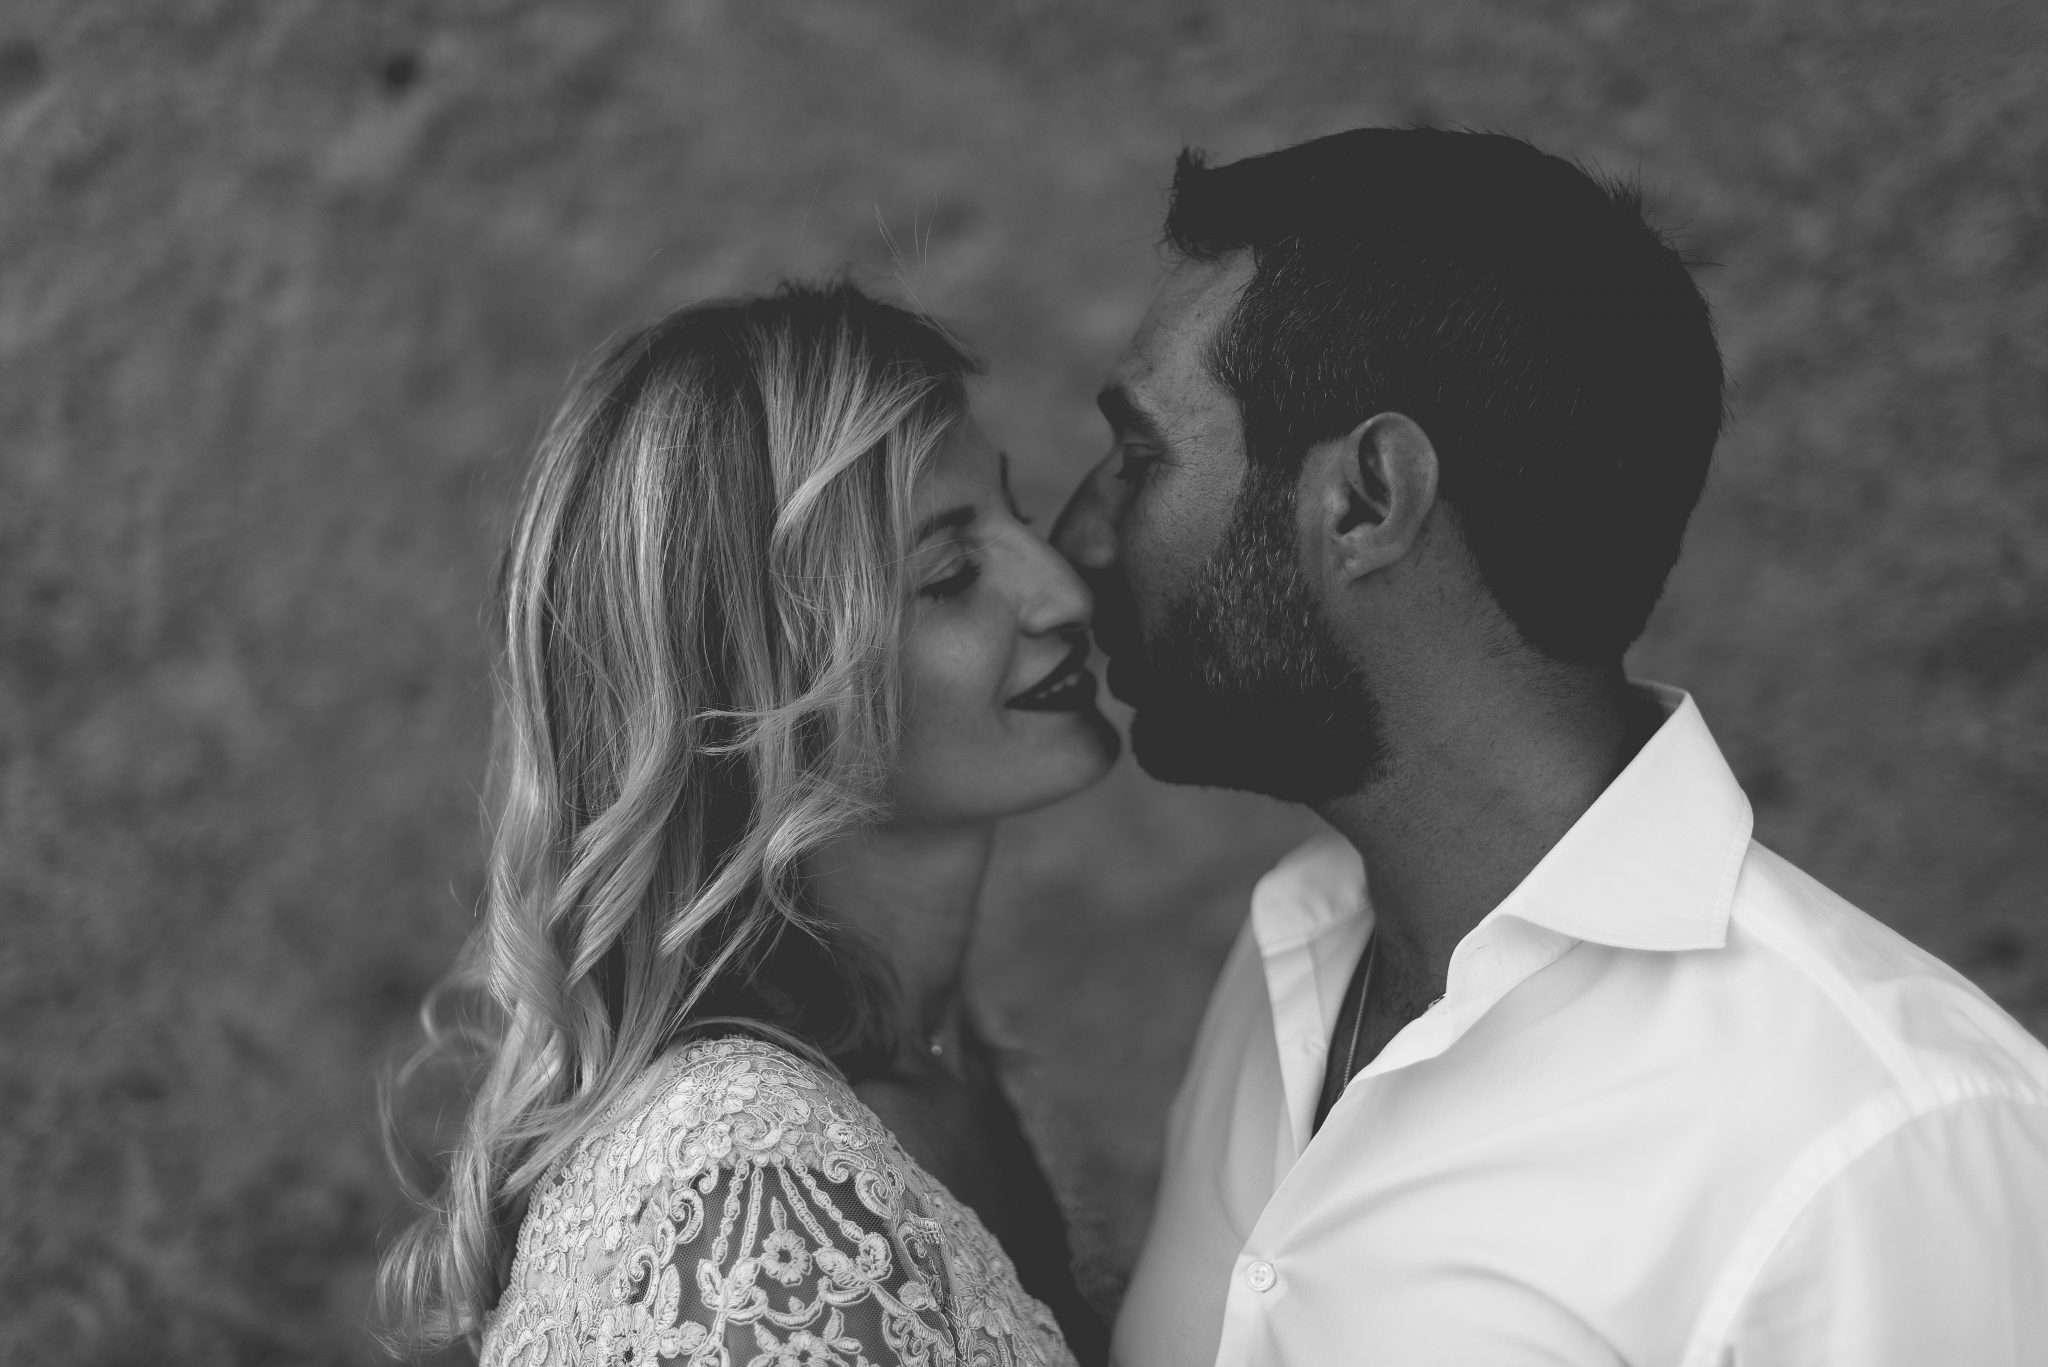 Fotografia bianco e nero matrimonio - wedding reportage realizzata da Barbara Trincone fotografa con studio a Pozzuoli - Napoli